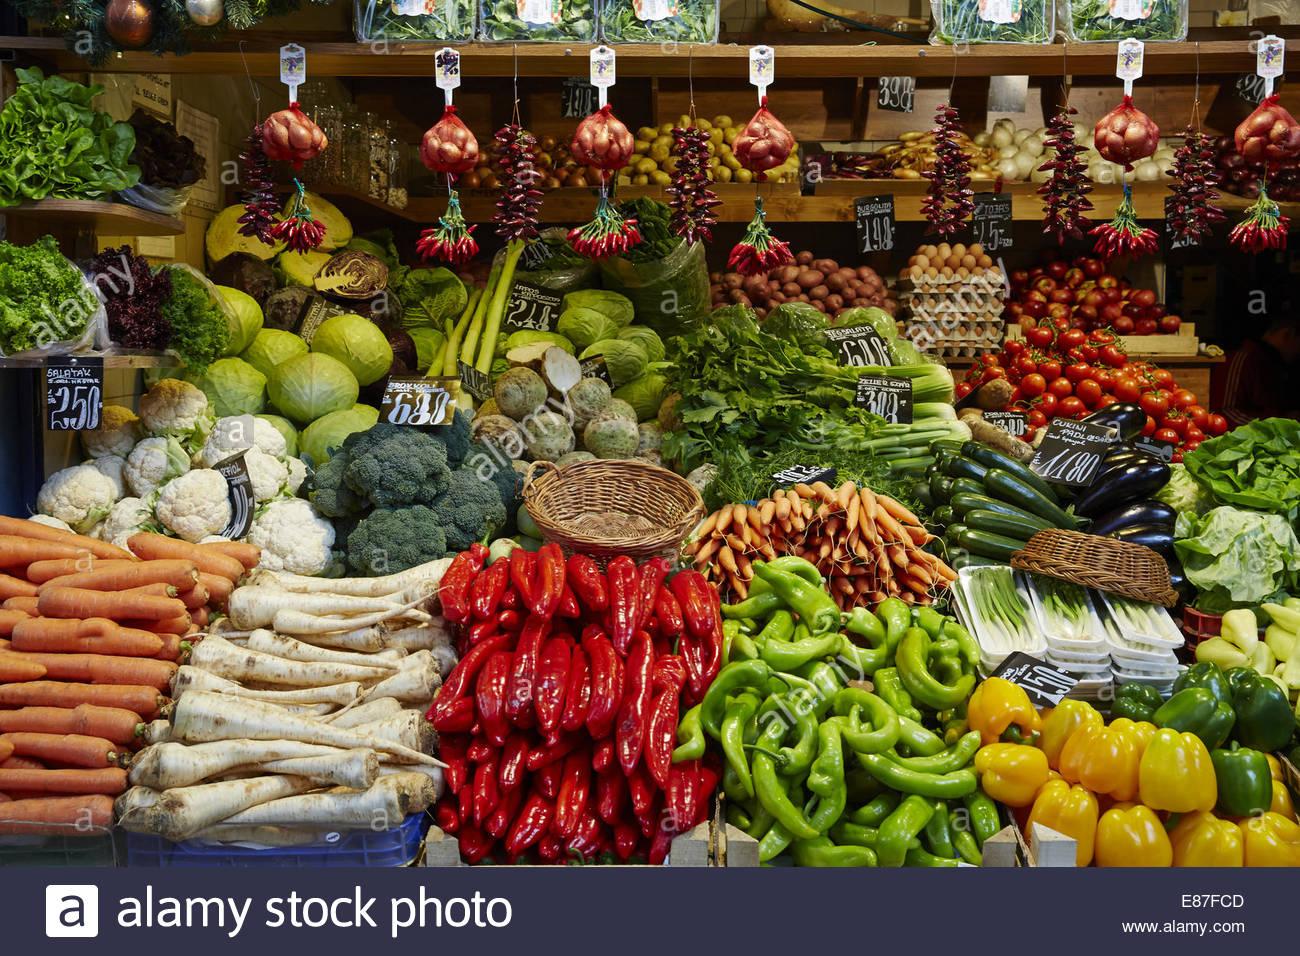 Producir, verdulero, antiguo mercado de frutas y hortalizas de la moda con varios coloridos frescos Imagen De Stock